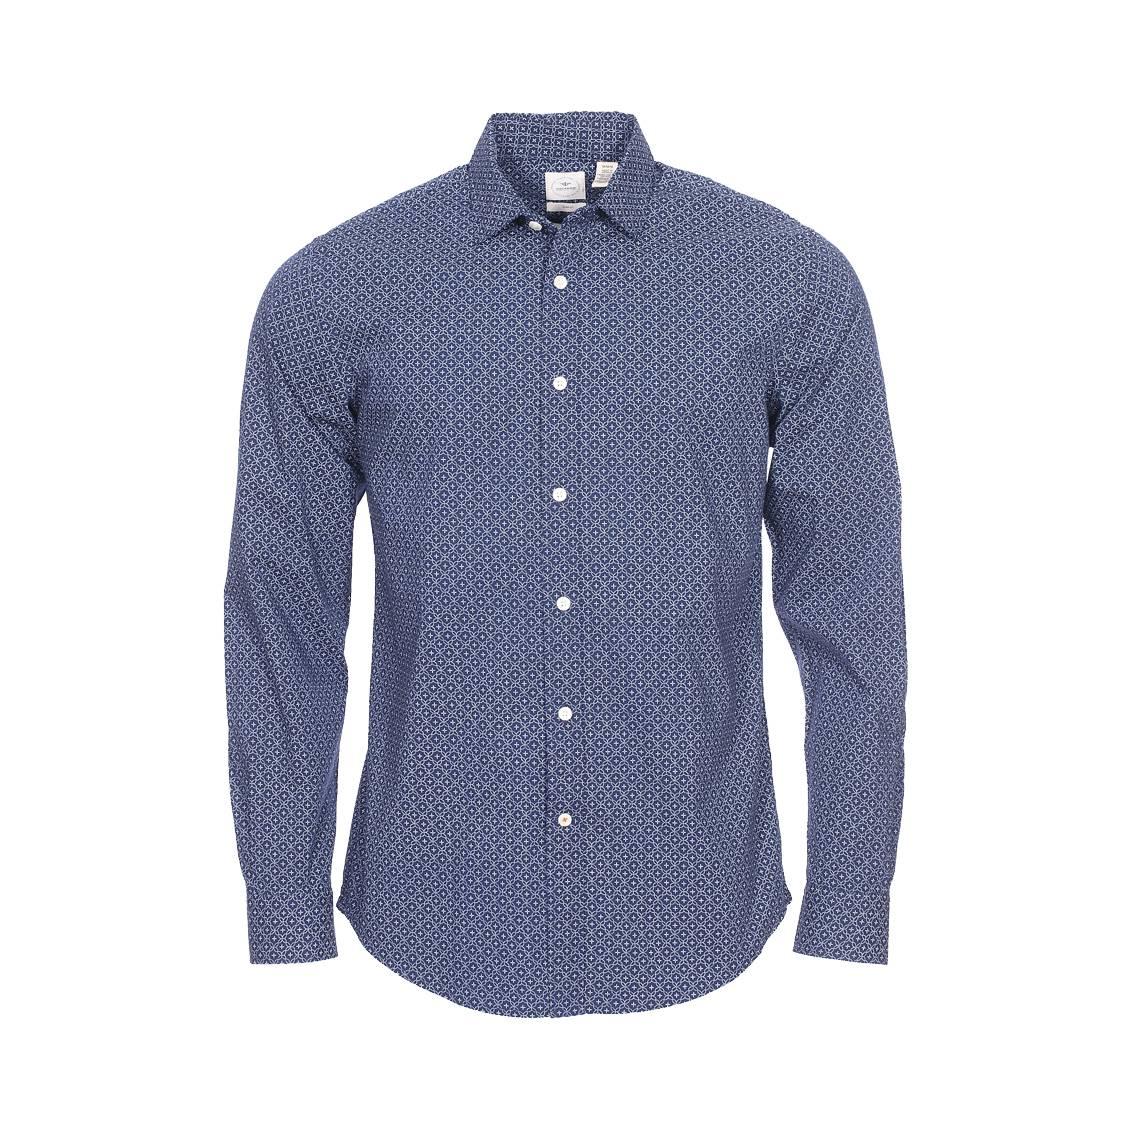 Chemise cintrée  refined poplin borders en coton stretch bleu marine à motifs blancs